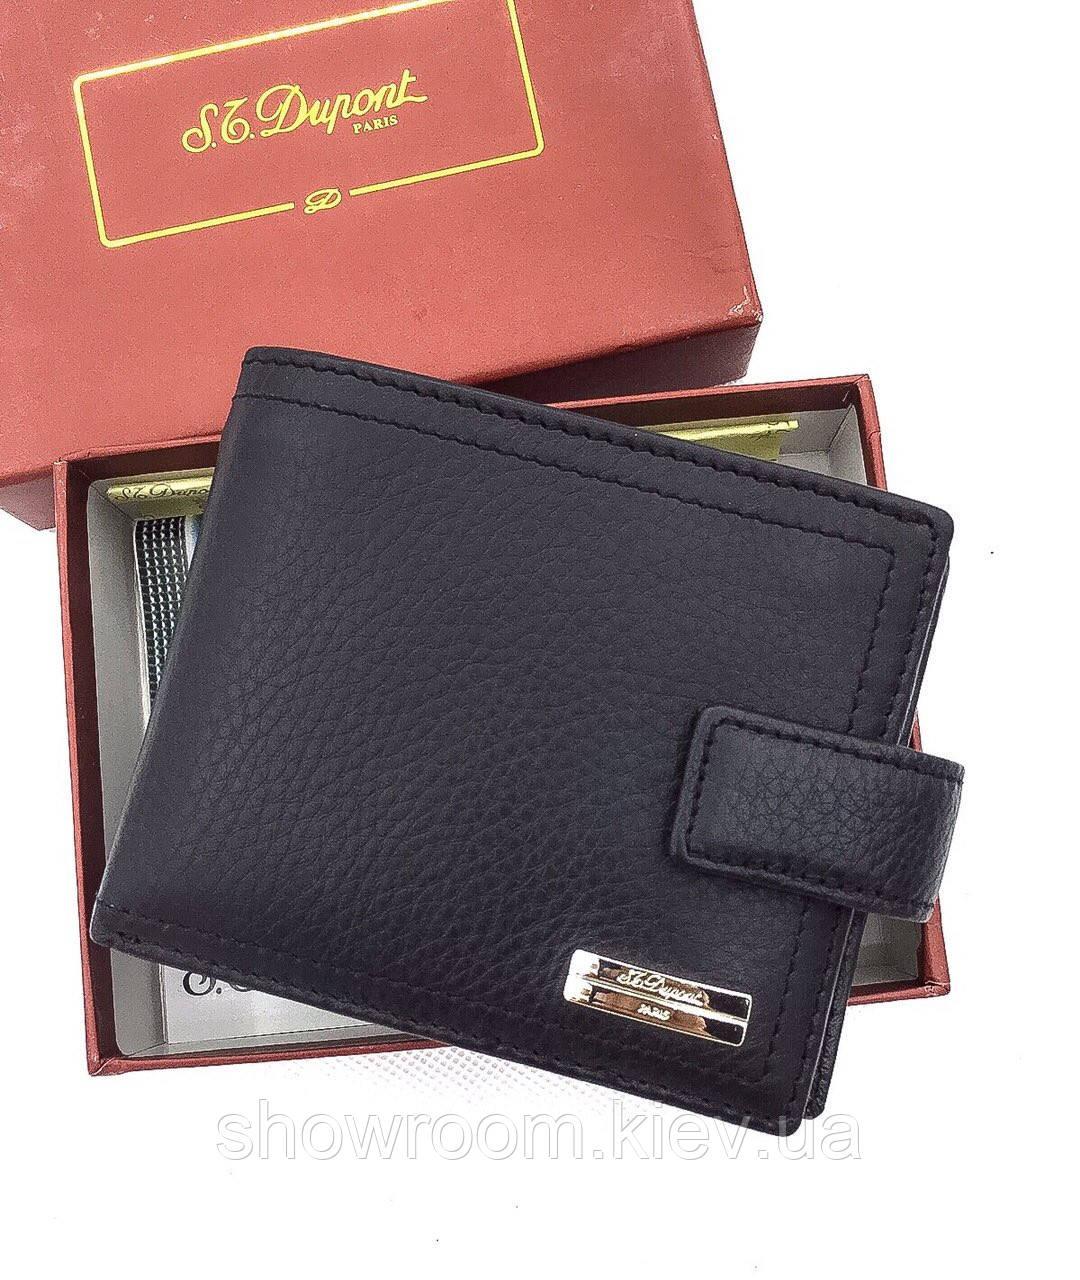 Мужское портмоне в стиле Dupont (51099) black